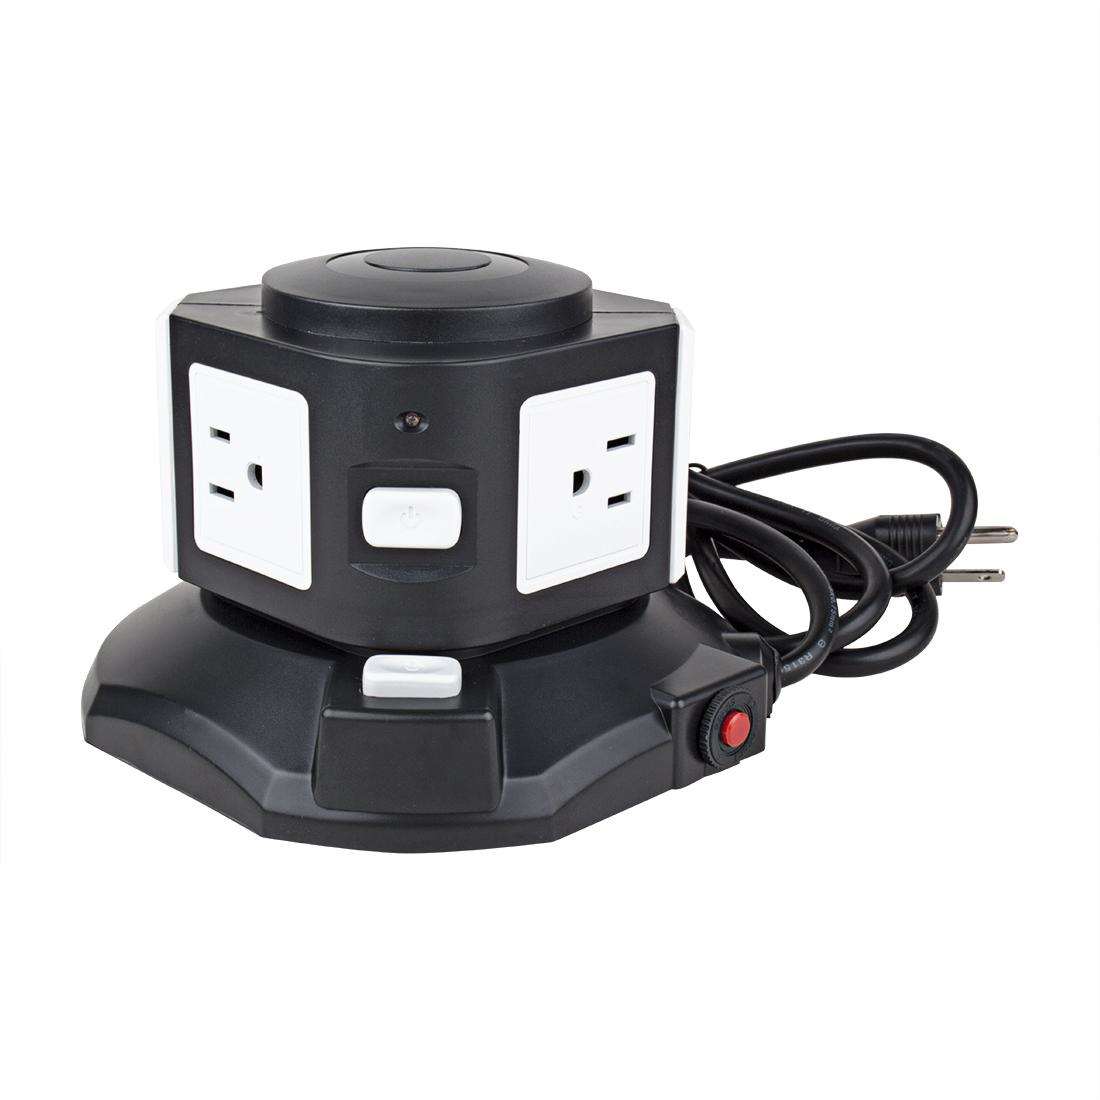 AC 110V US Plug Vertical Smart Socket 2 US Outlets 4 USB Ports 6 Ft Cable White Black